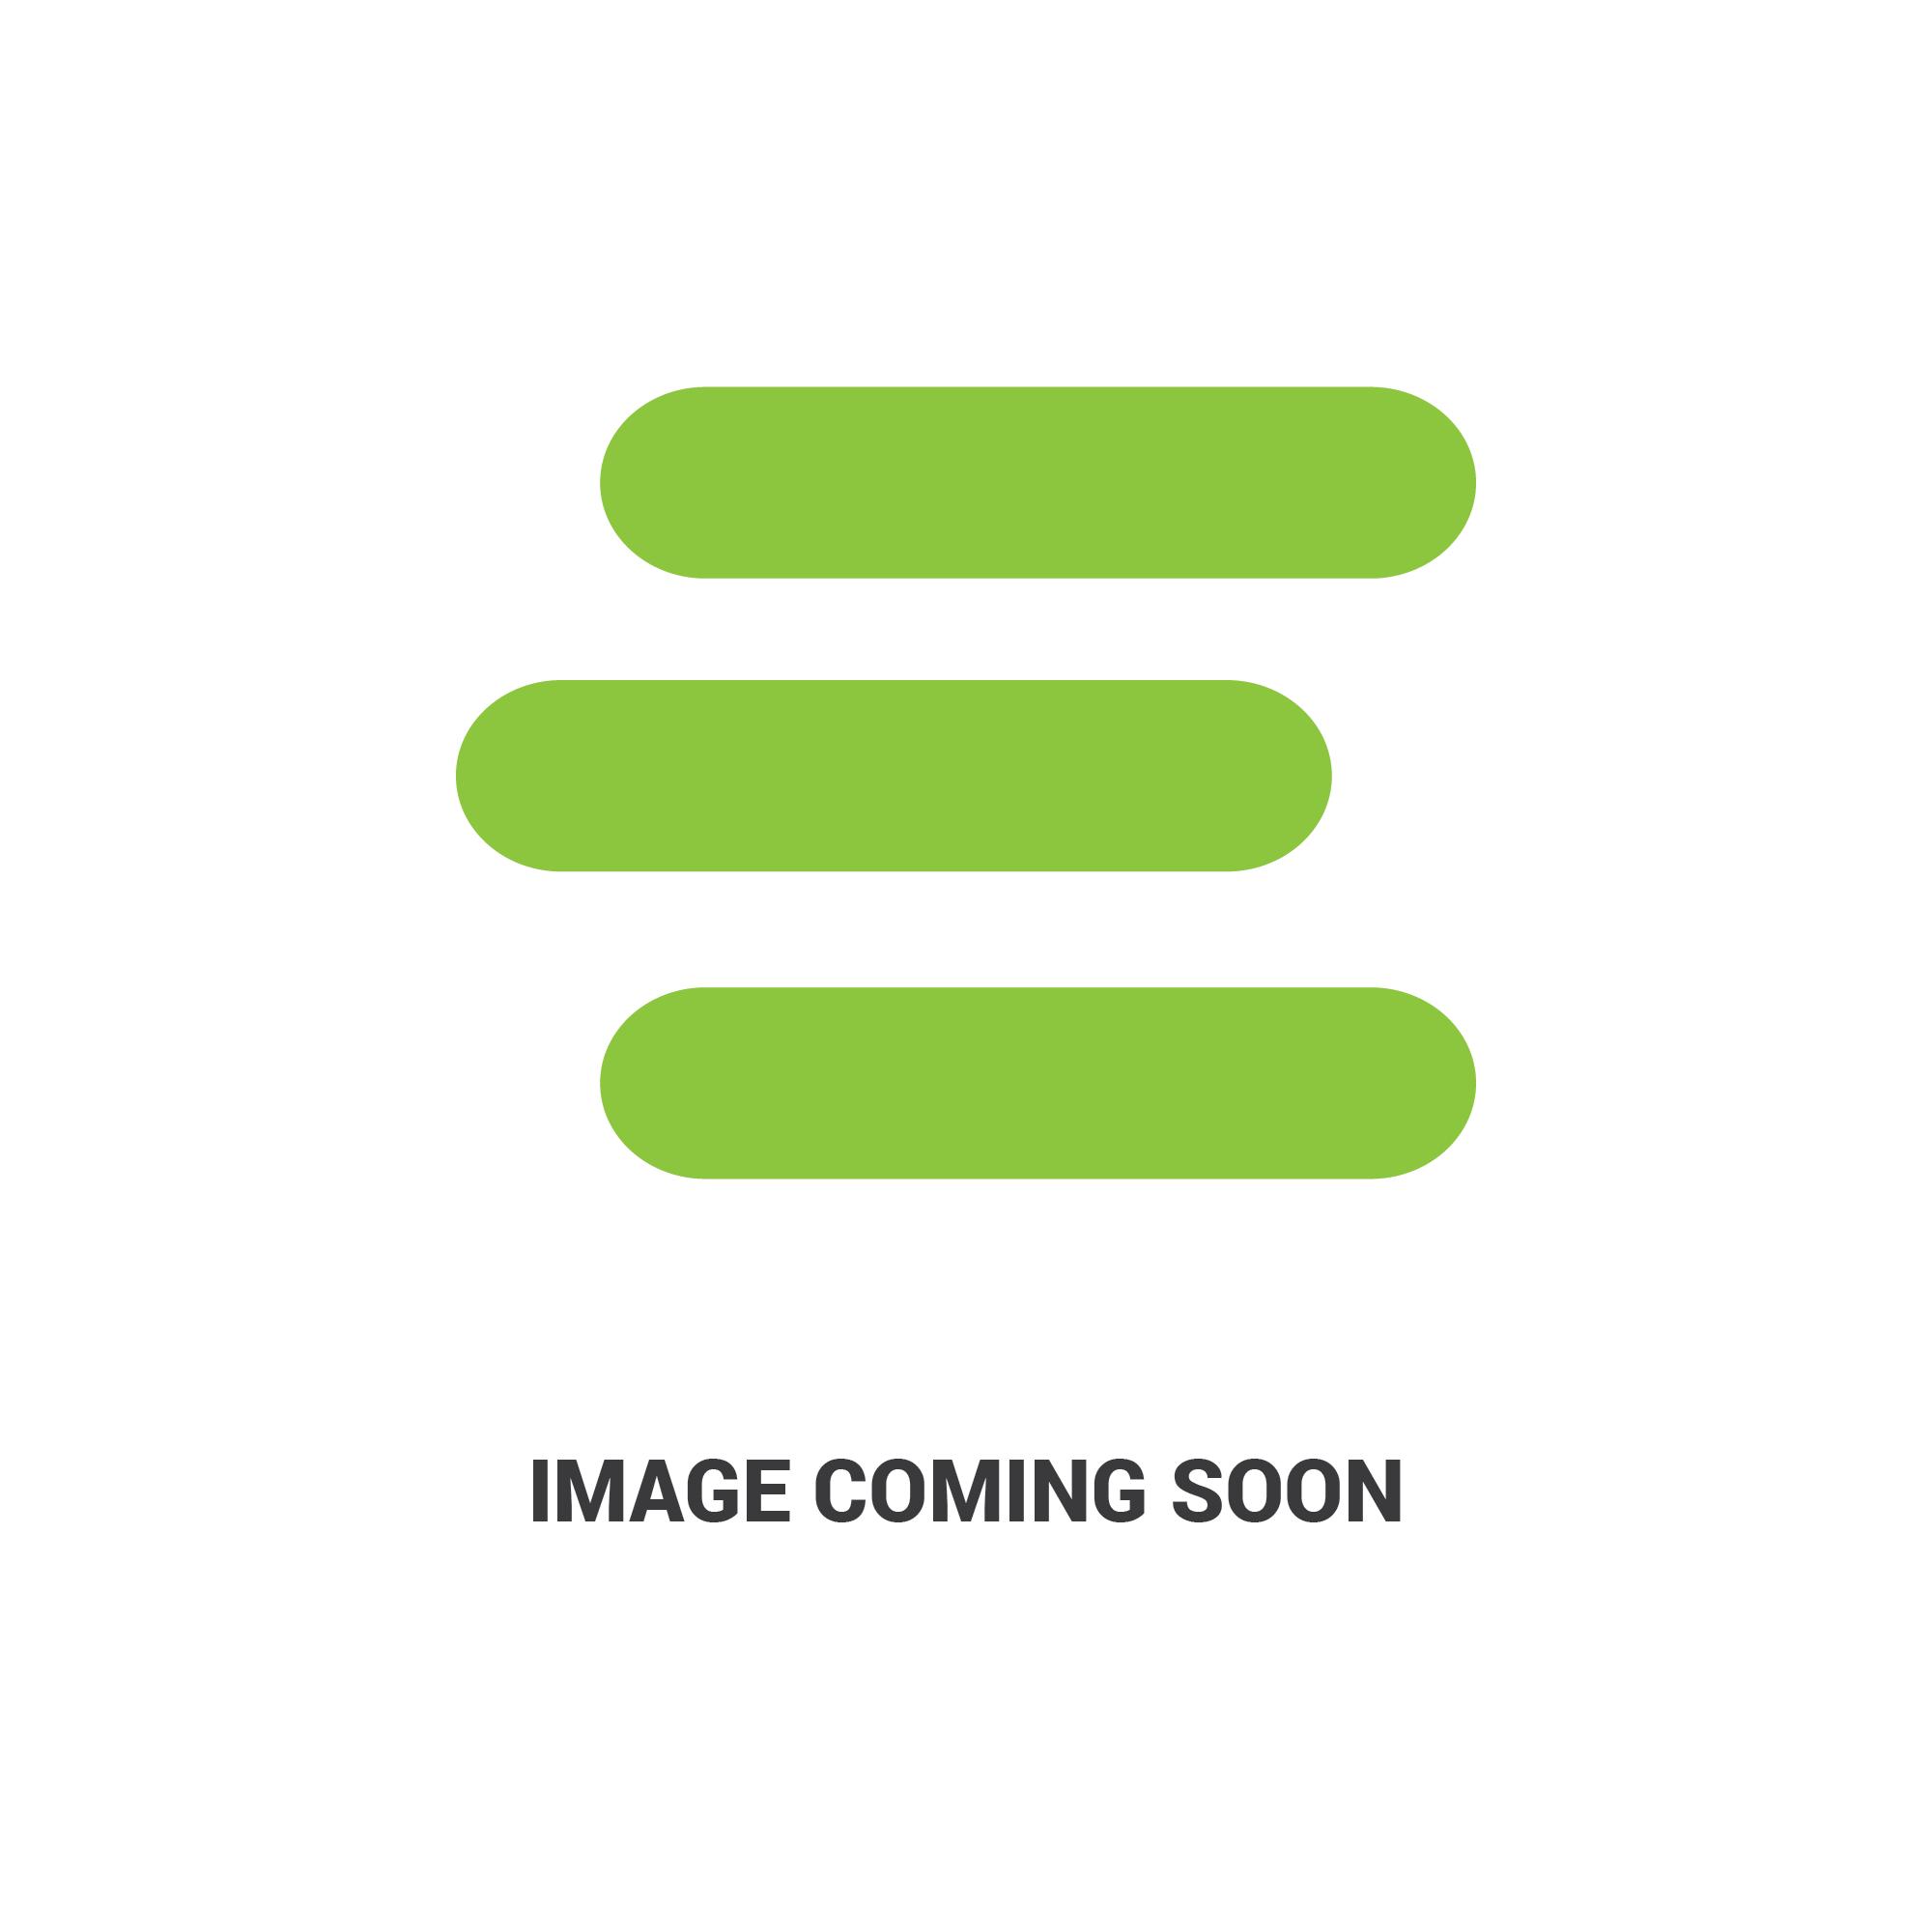 E-6C300-58503edit 179.jpg